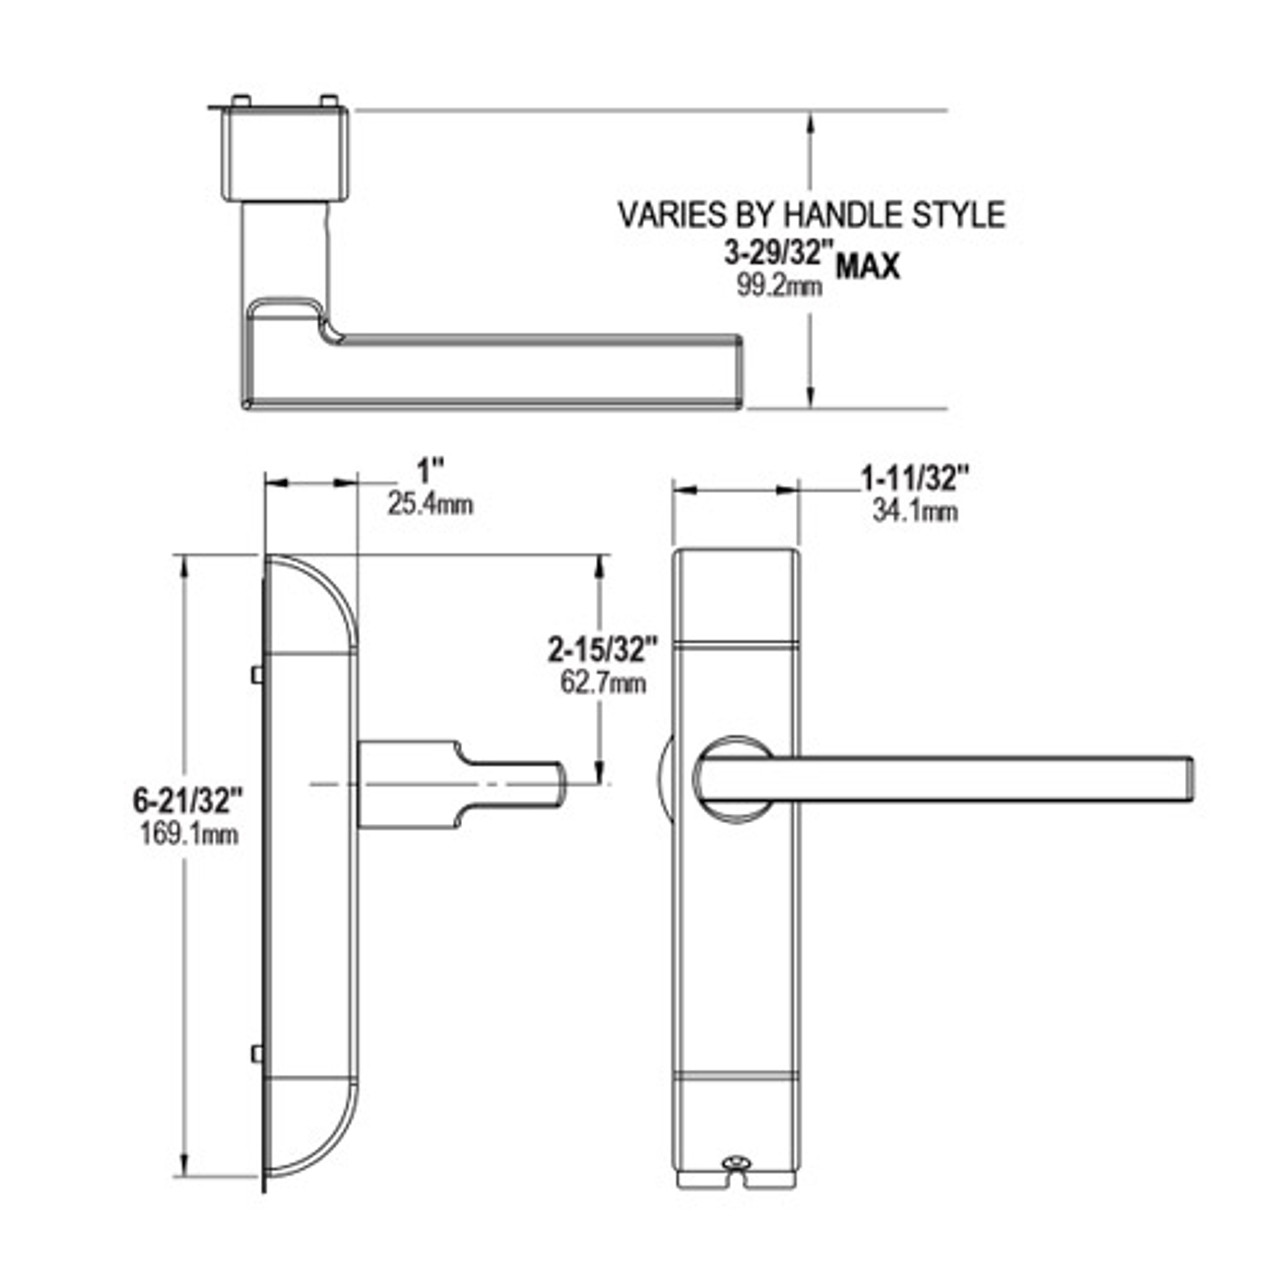 4600-MG-541-US4 Adams Rite MG Designer handle Dimensional View